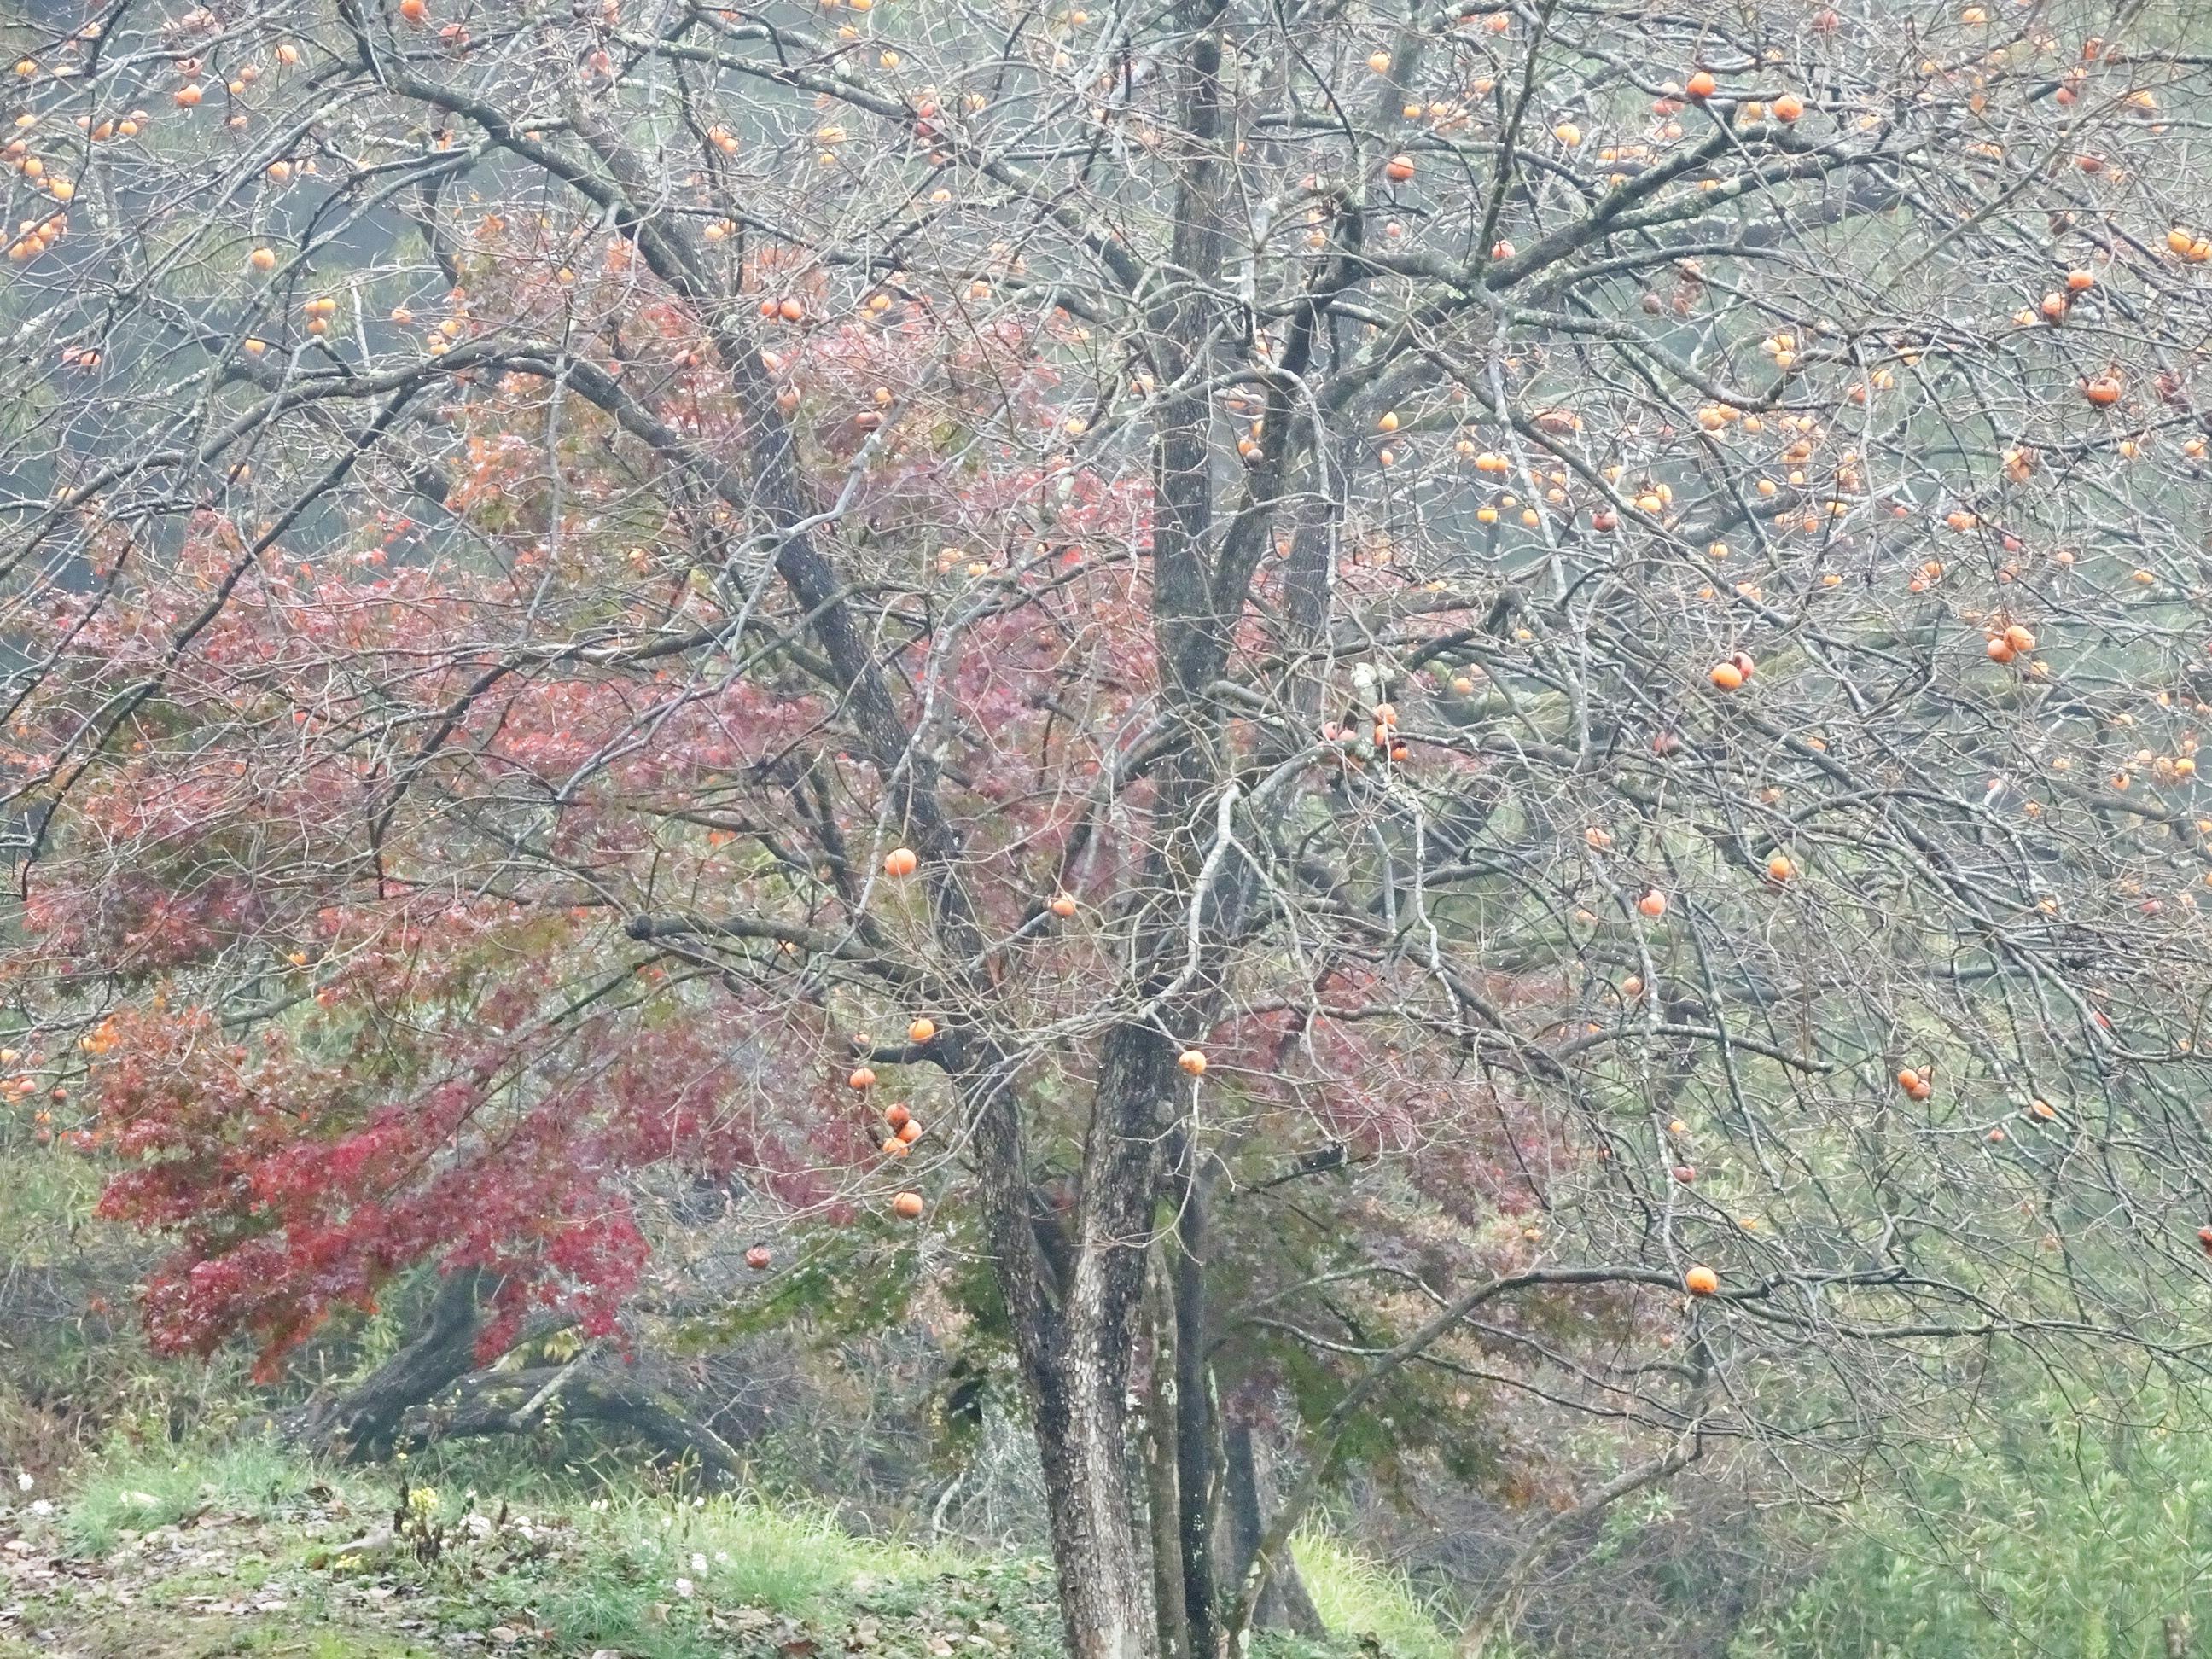 雨あがり 紅葉と柿の木